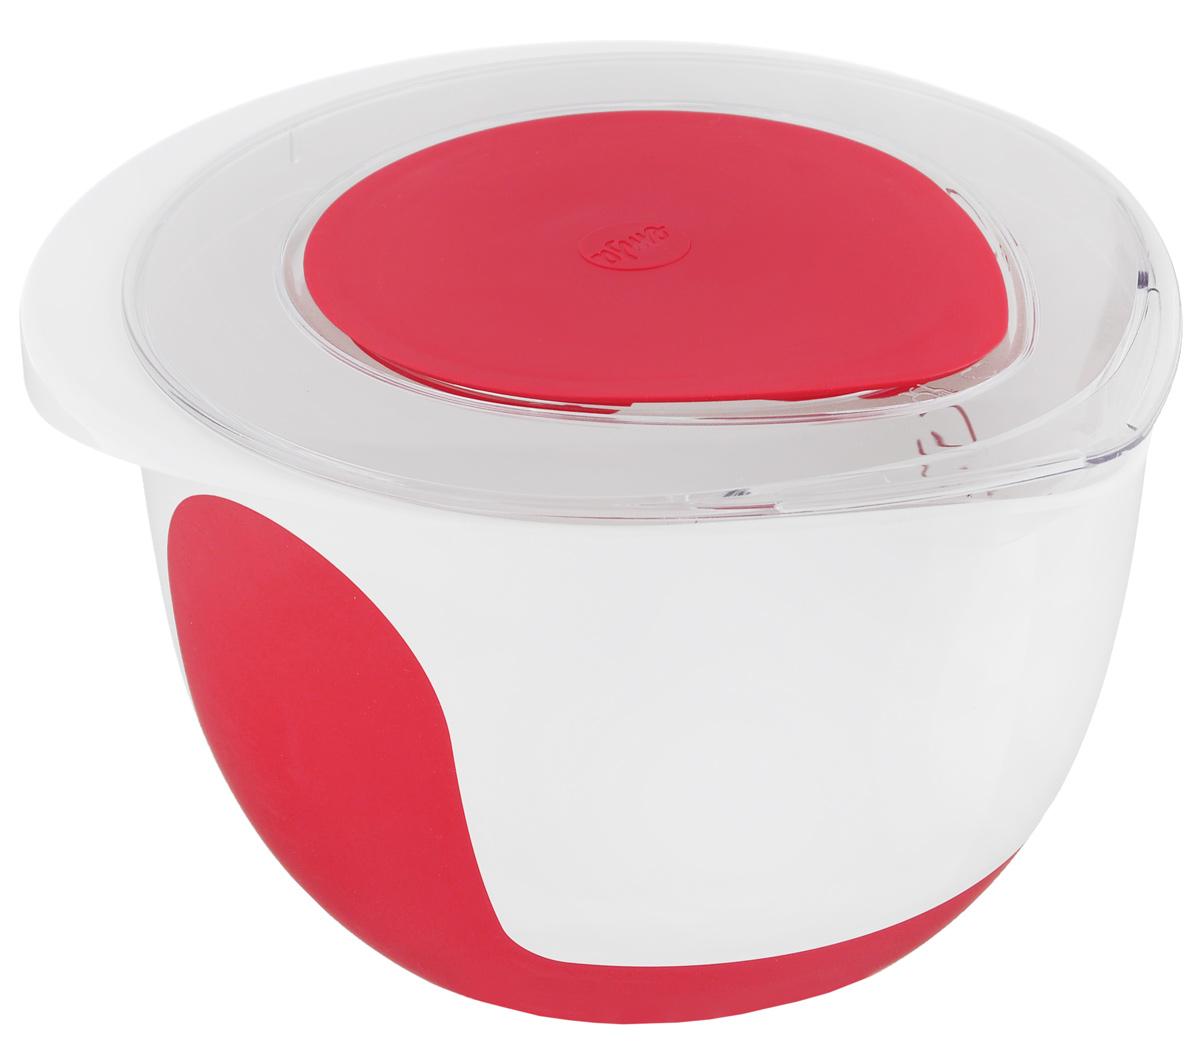 Миска для смешивания Emsa Mix&Bake, с крышкой, цвет: белый, красный, 2 л508018Миска Emsa Mix&Bake предназначена для взбивания теста при выпечке. Выполнена из высококачественного пищевого пластика. Противоскользящее основание и зоны захвата для надежного удержания - также в наклоненном положении. Внутри расположена мерная шкала. Изделие оснащено крышкой.